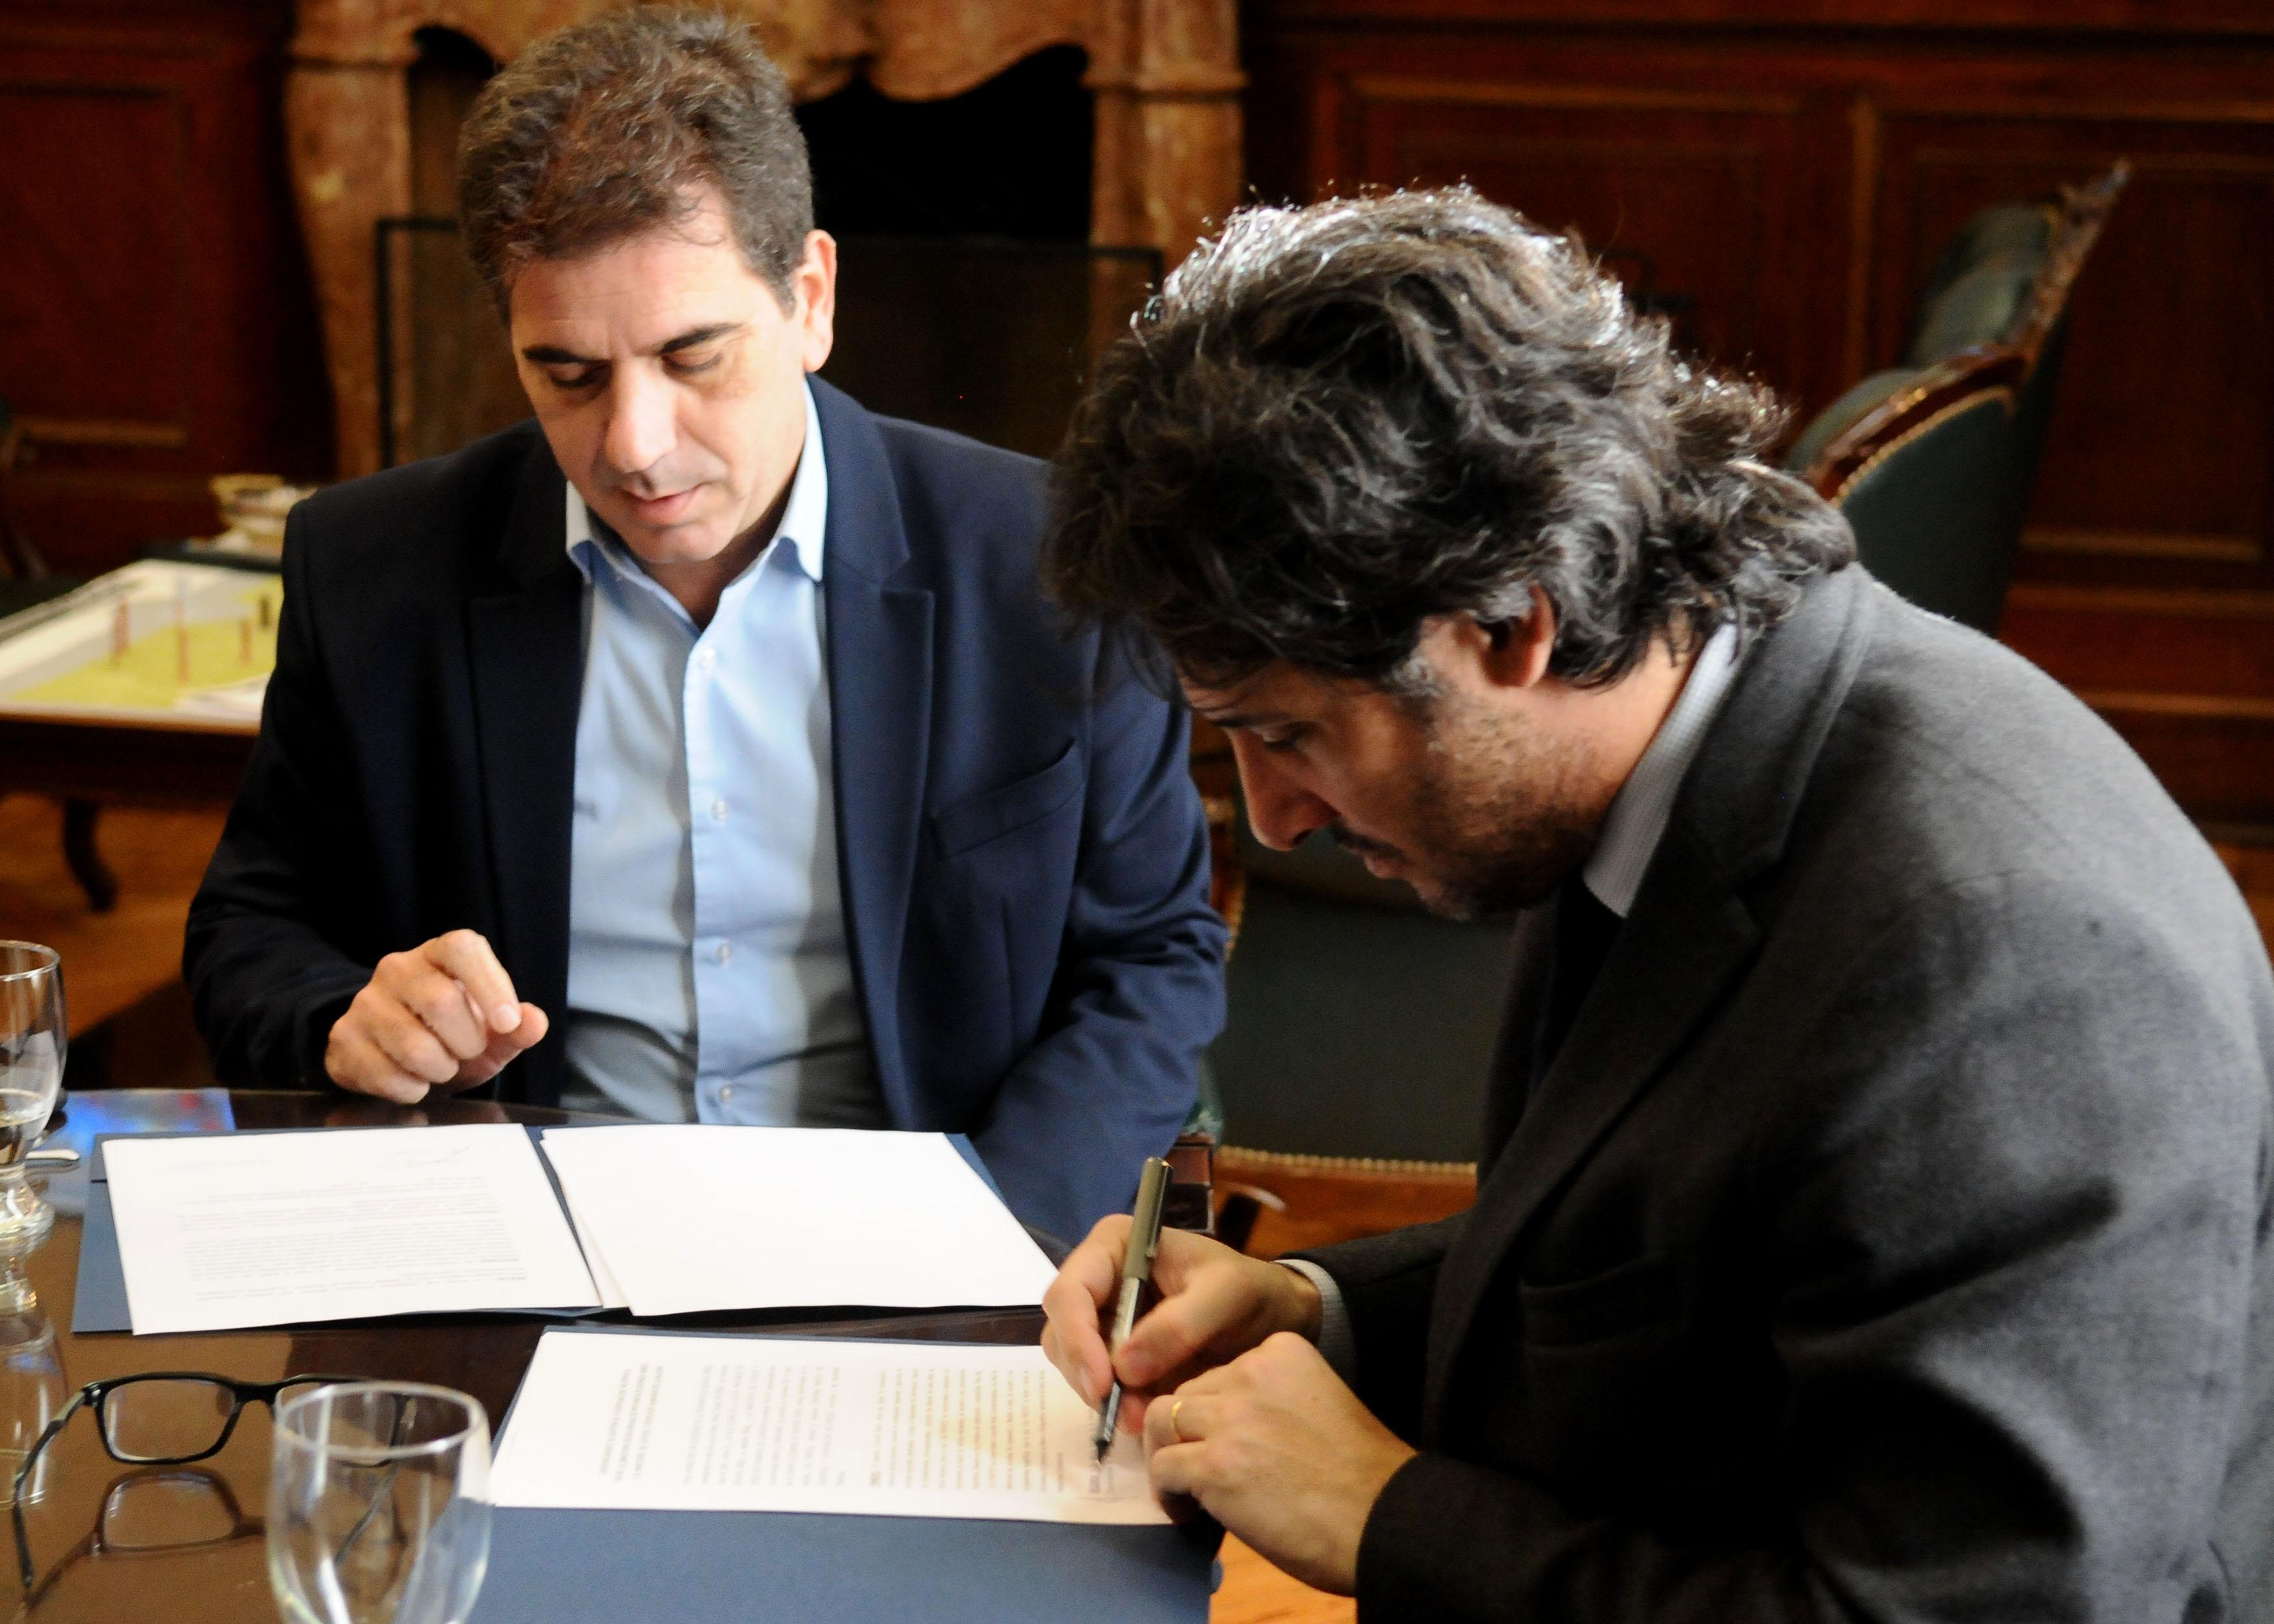 06-07 Ritondo - Firma de convenio con Min. de Justicia de Nación